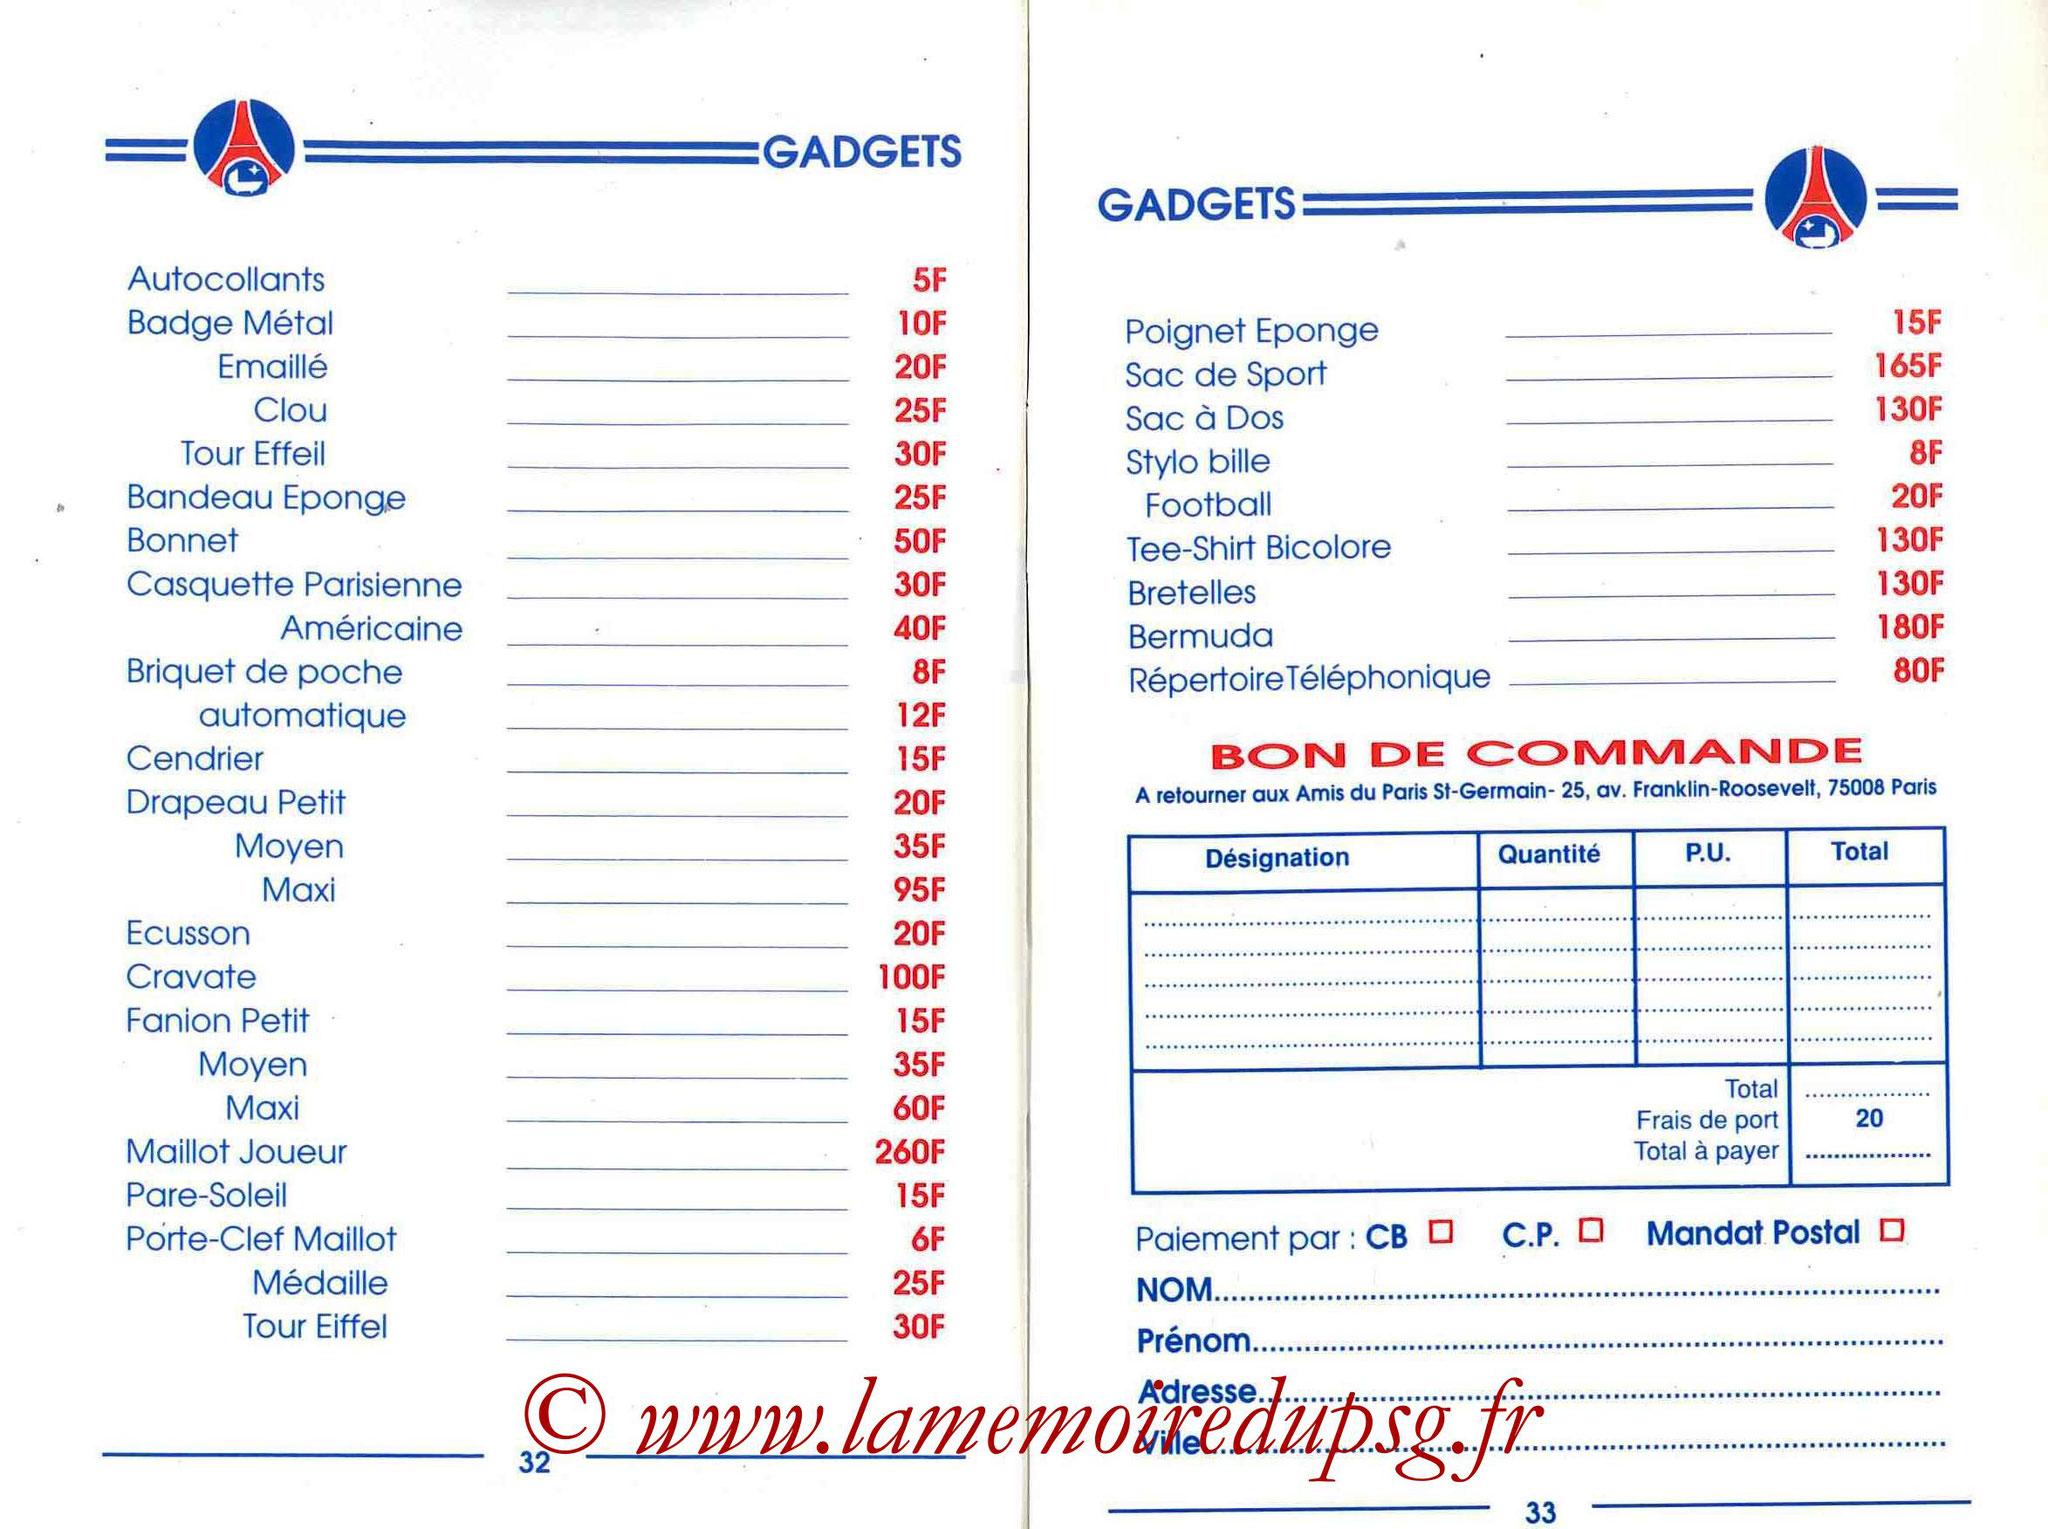 1989-90 - Guide de la Saison PSG - Pages 32 et 33